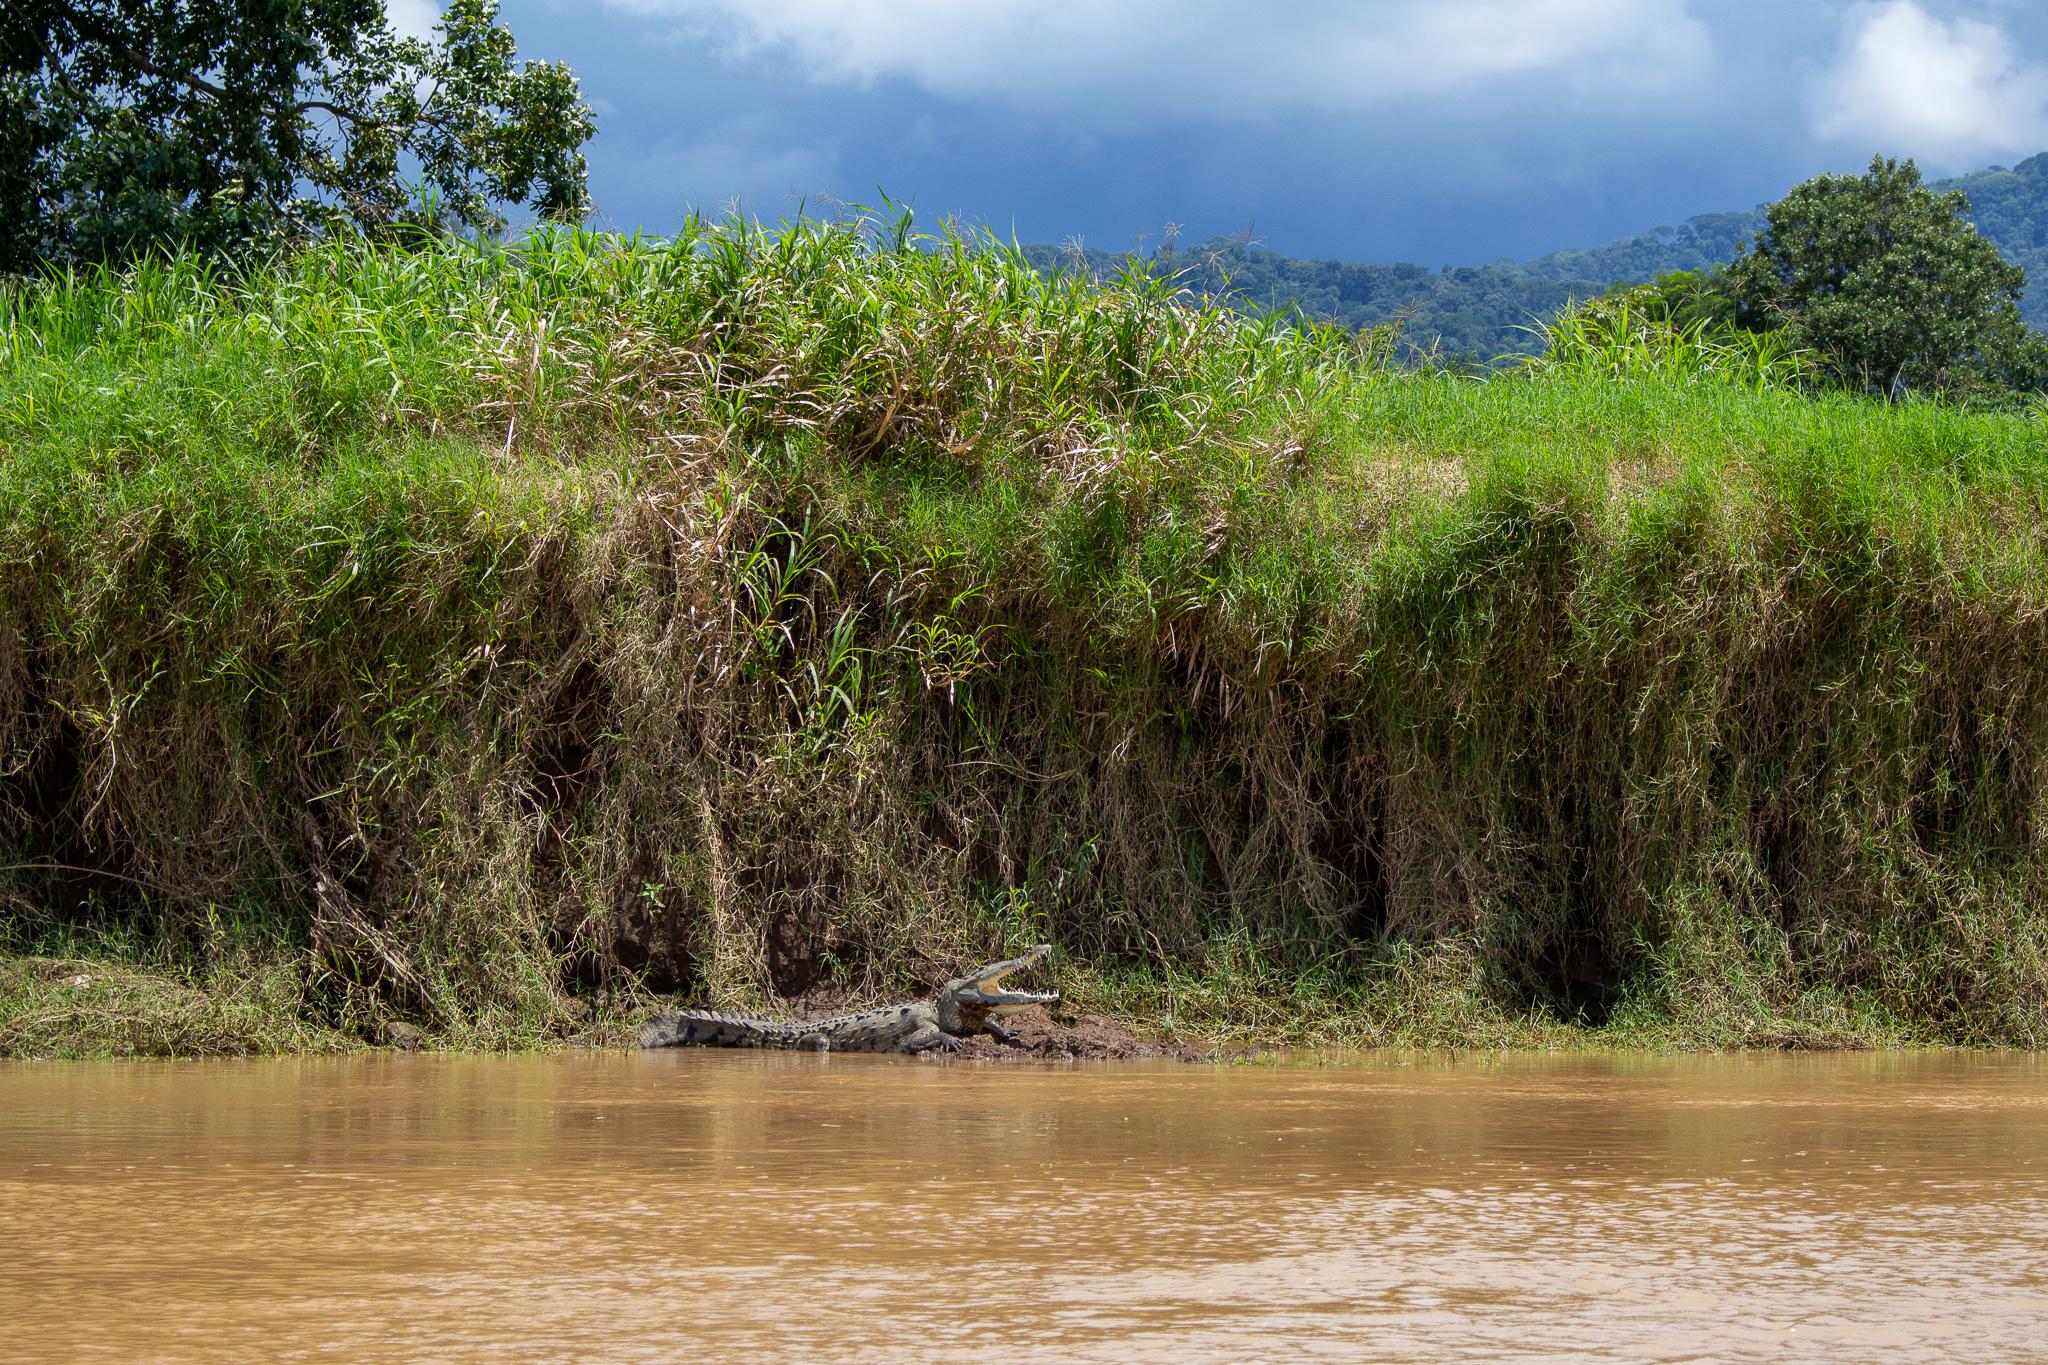 costa rica crocodile safari